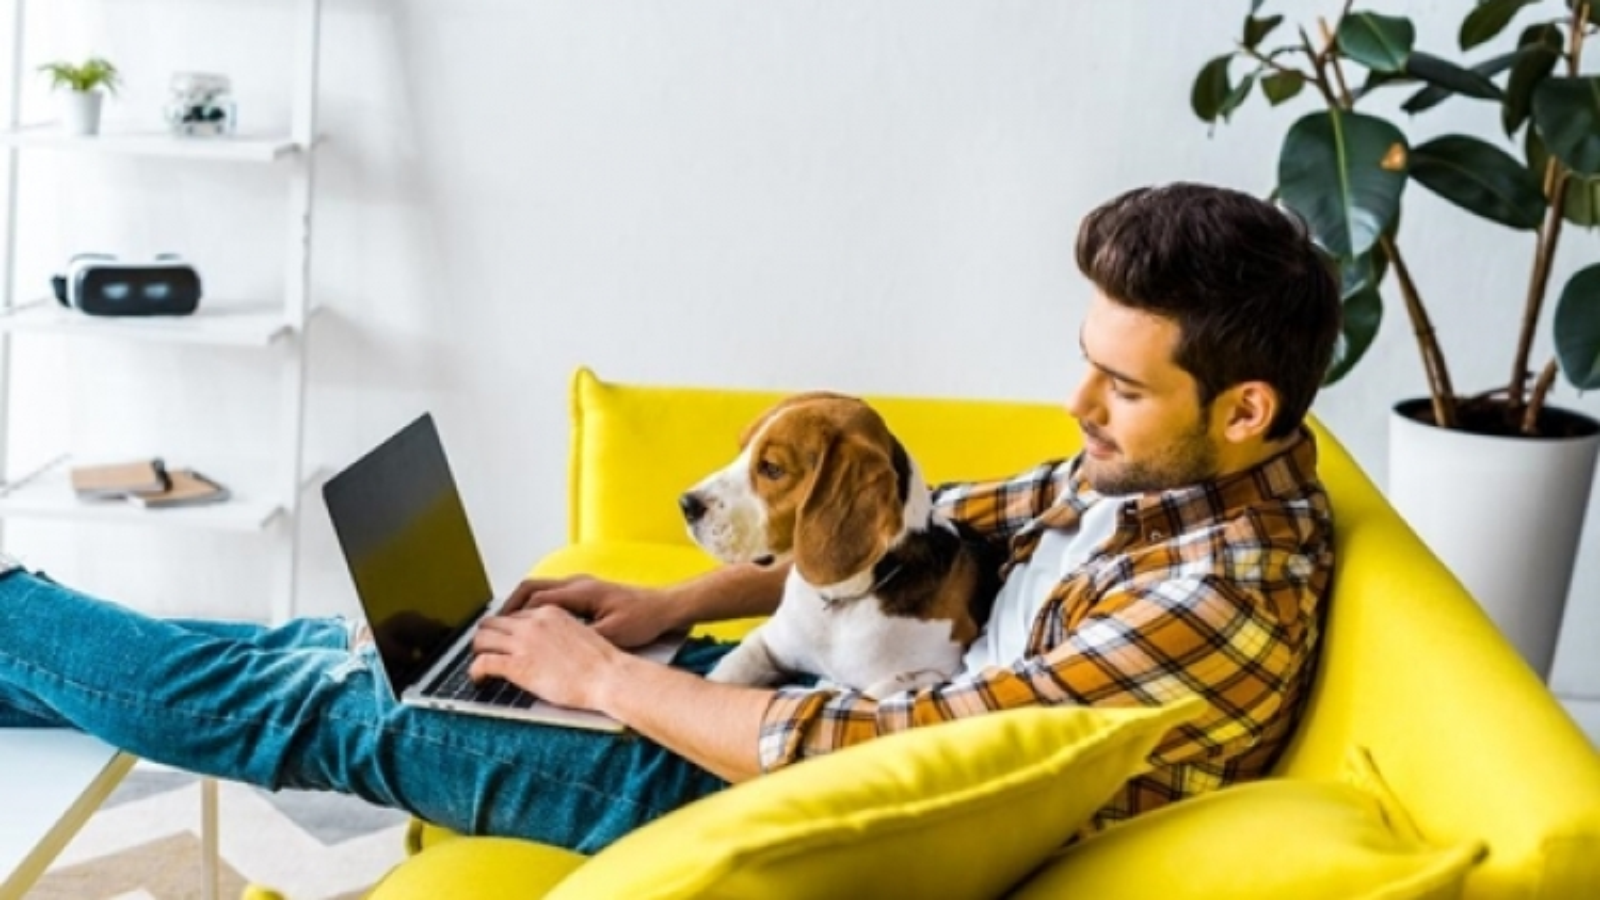 Mùa dịch thứ 4: Không còn ai thích làm việc ở nhà